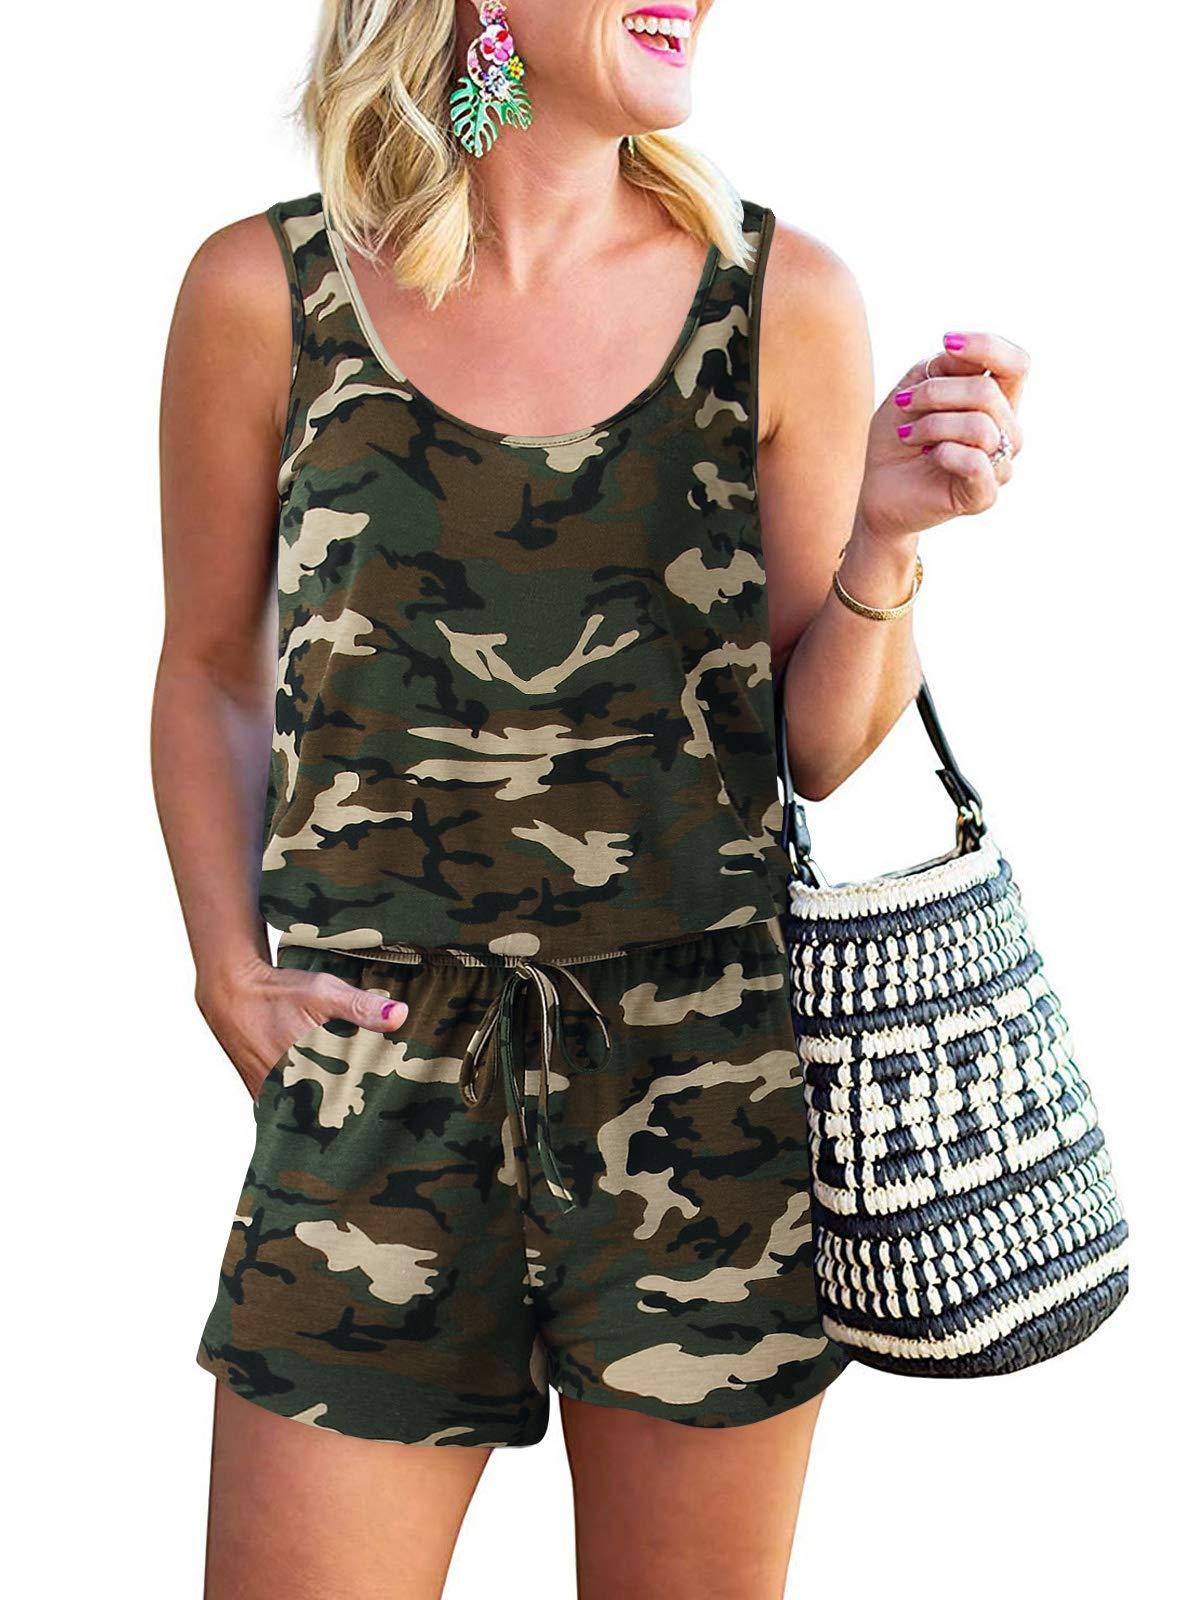 ANRABESS Women Summer Casual Sleeveless Leopard Print Jumpsuits Rompers Beam Foot Elastic Waist Short Jumpsuits Loungewear